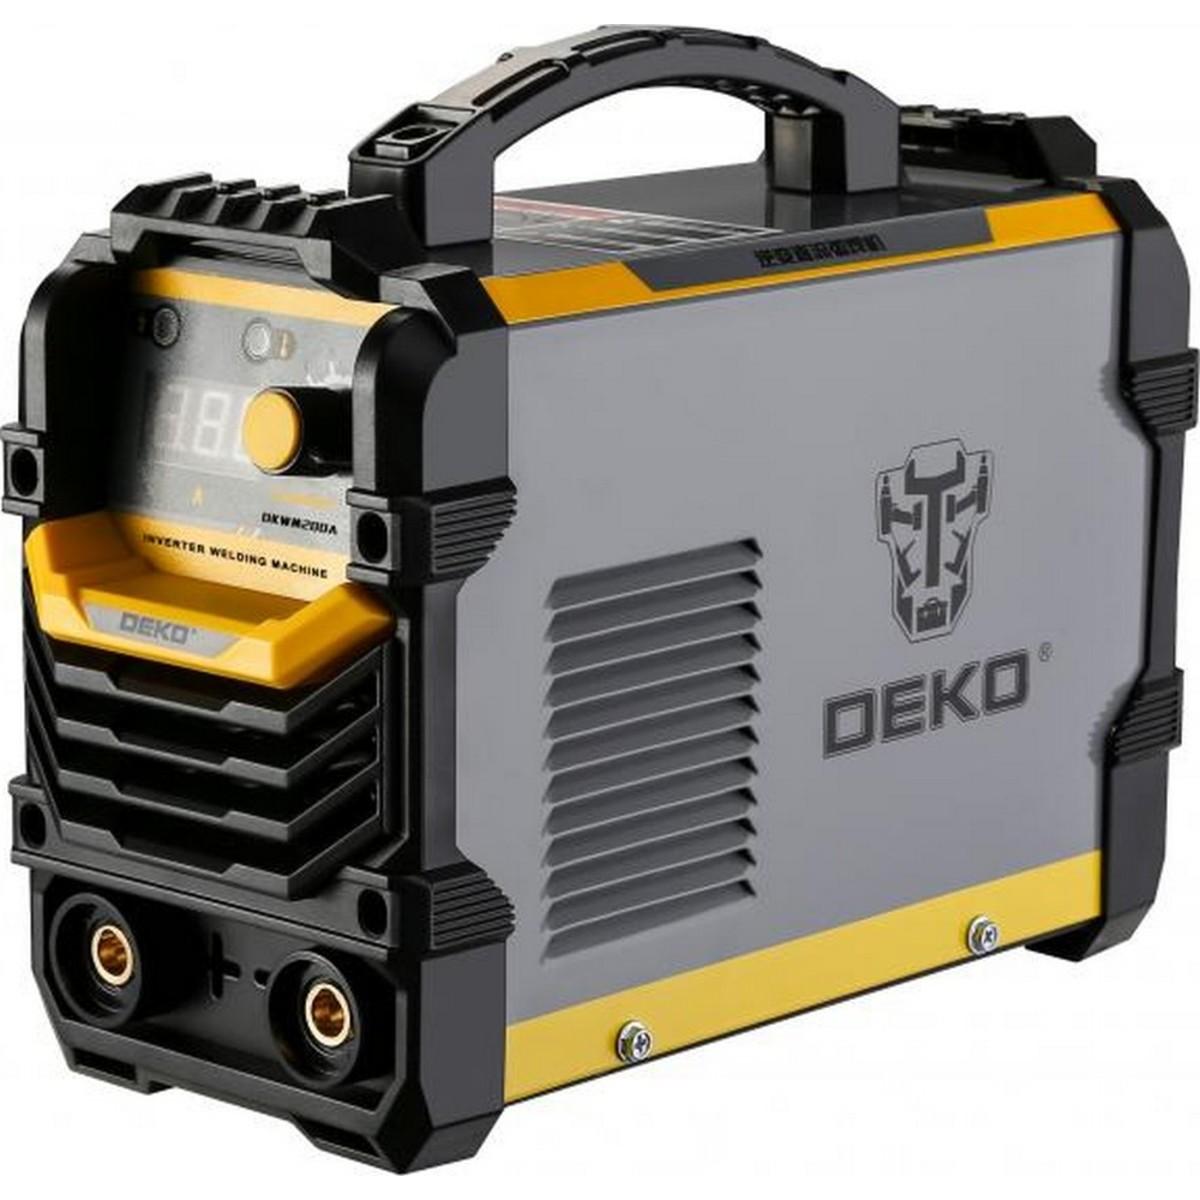 Дуговой сварочный инвертор DEKO DKWM200A 200 А до 5 мм в кейсе 051-4671